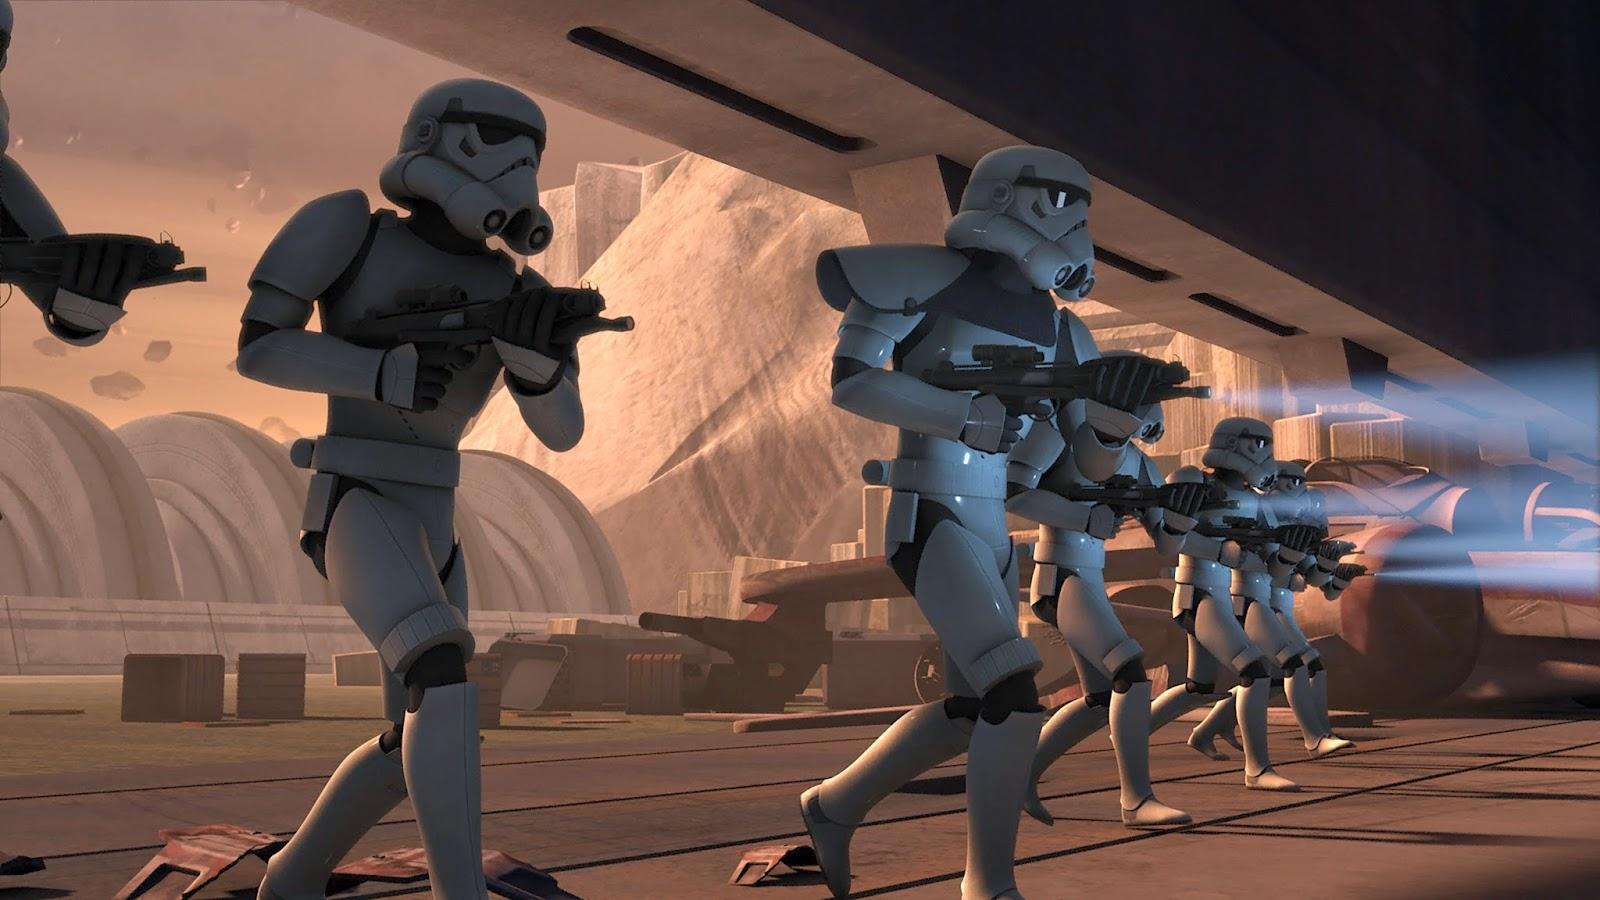 star wars rebels gathering forces